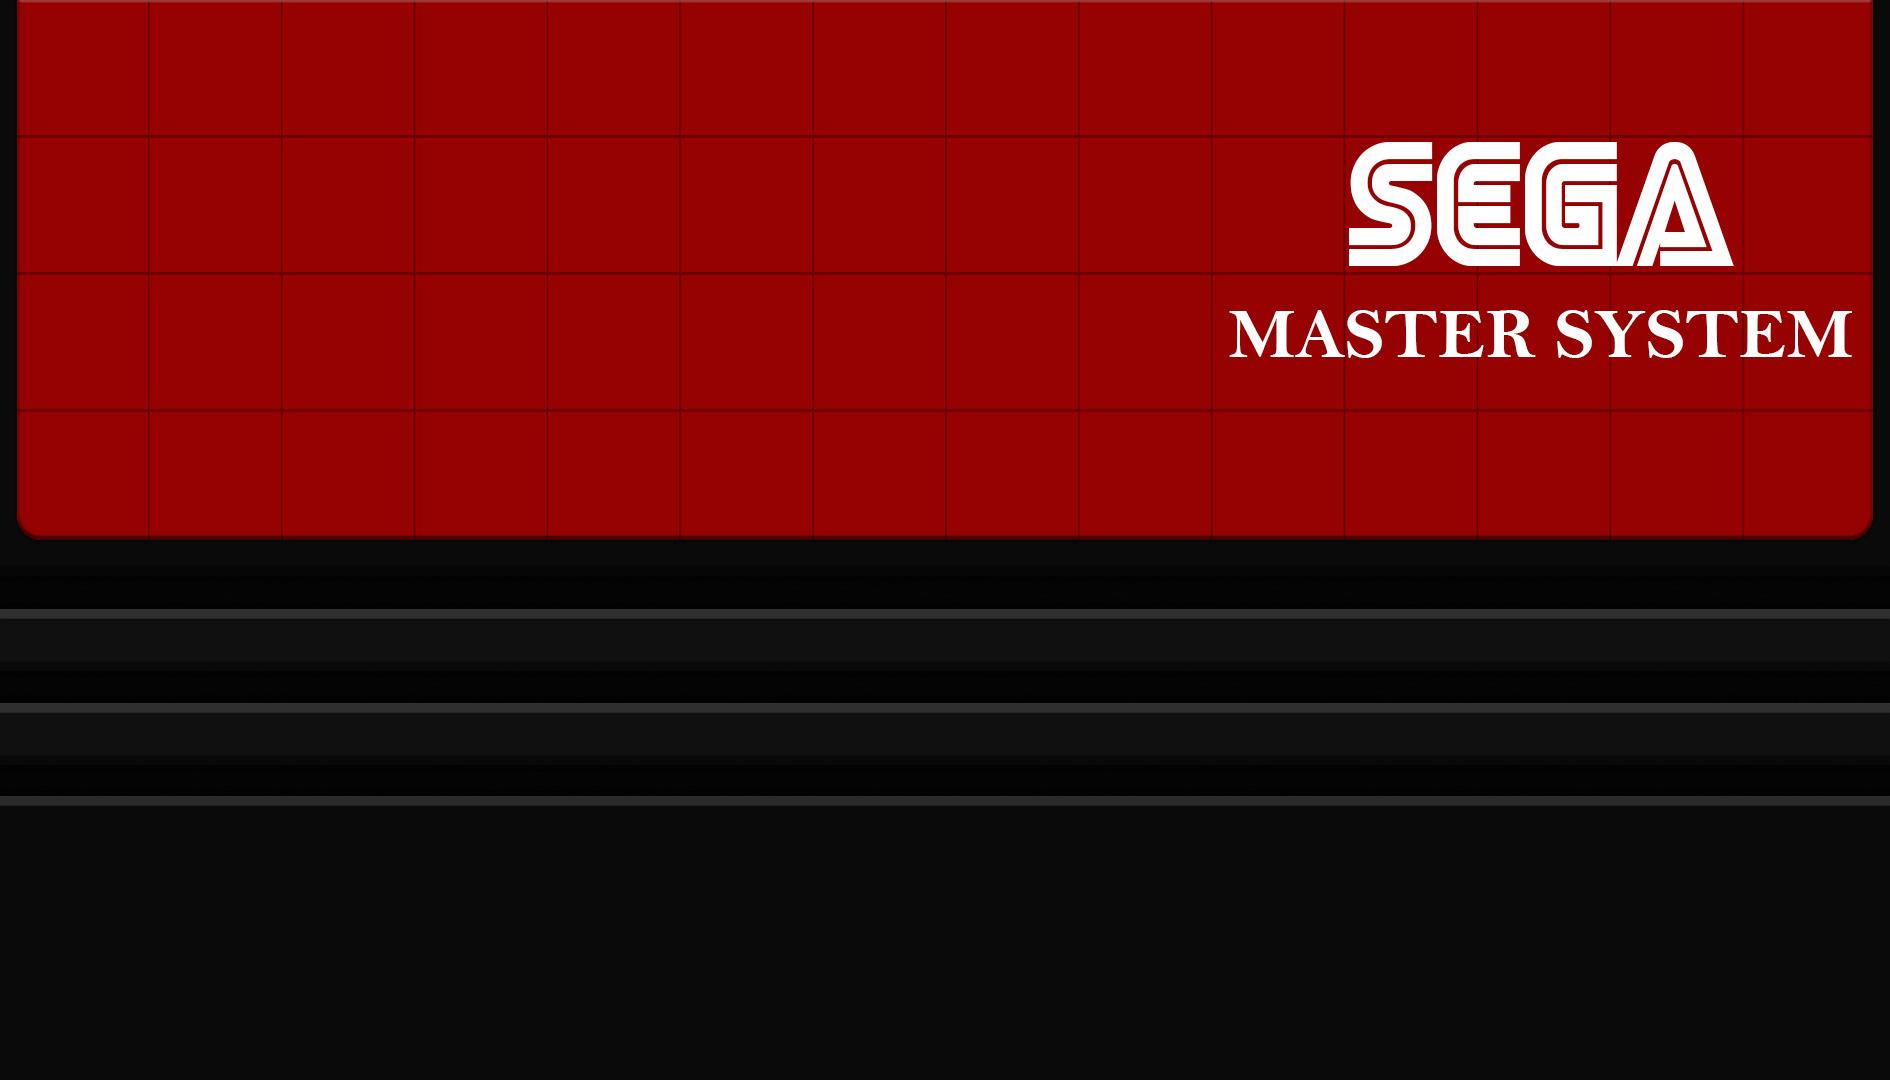 Sega Master System, gioco giapponese dell'87 sulla sicurezza stradale venduto per 4 mila euro